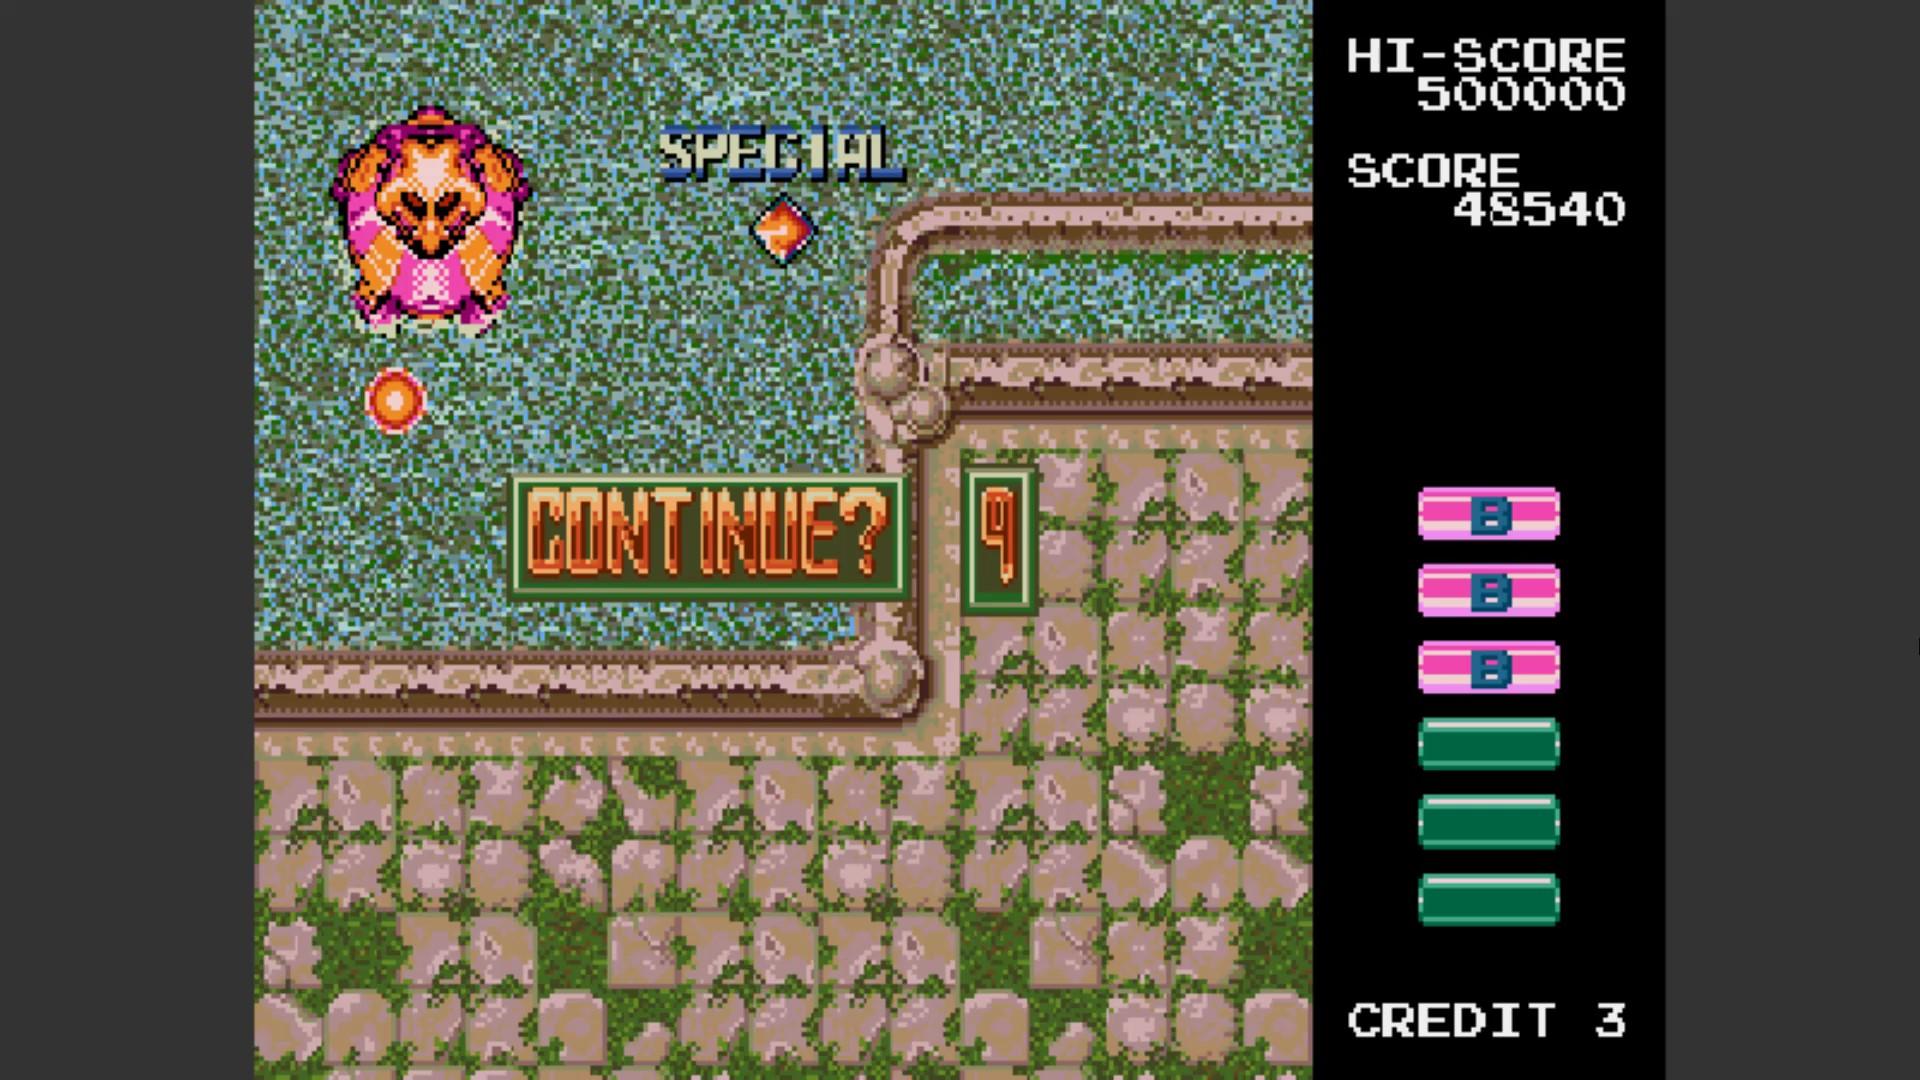 AkinNahtanoj: Grind Stormer [Hard] (Sega Genesis / MegaDrive Emulated) 48,540 points on 2020-10-31 04:22:29